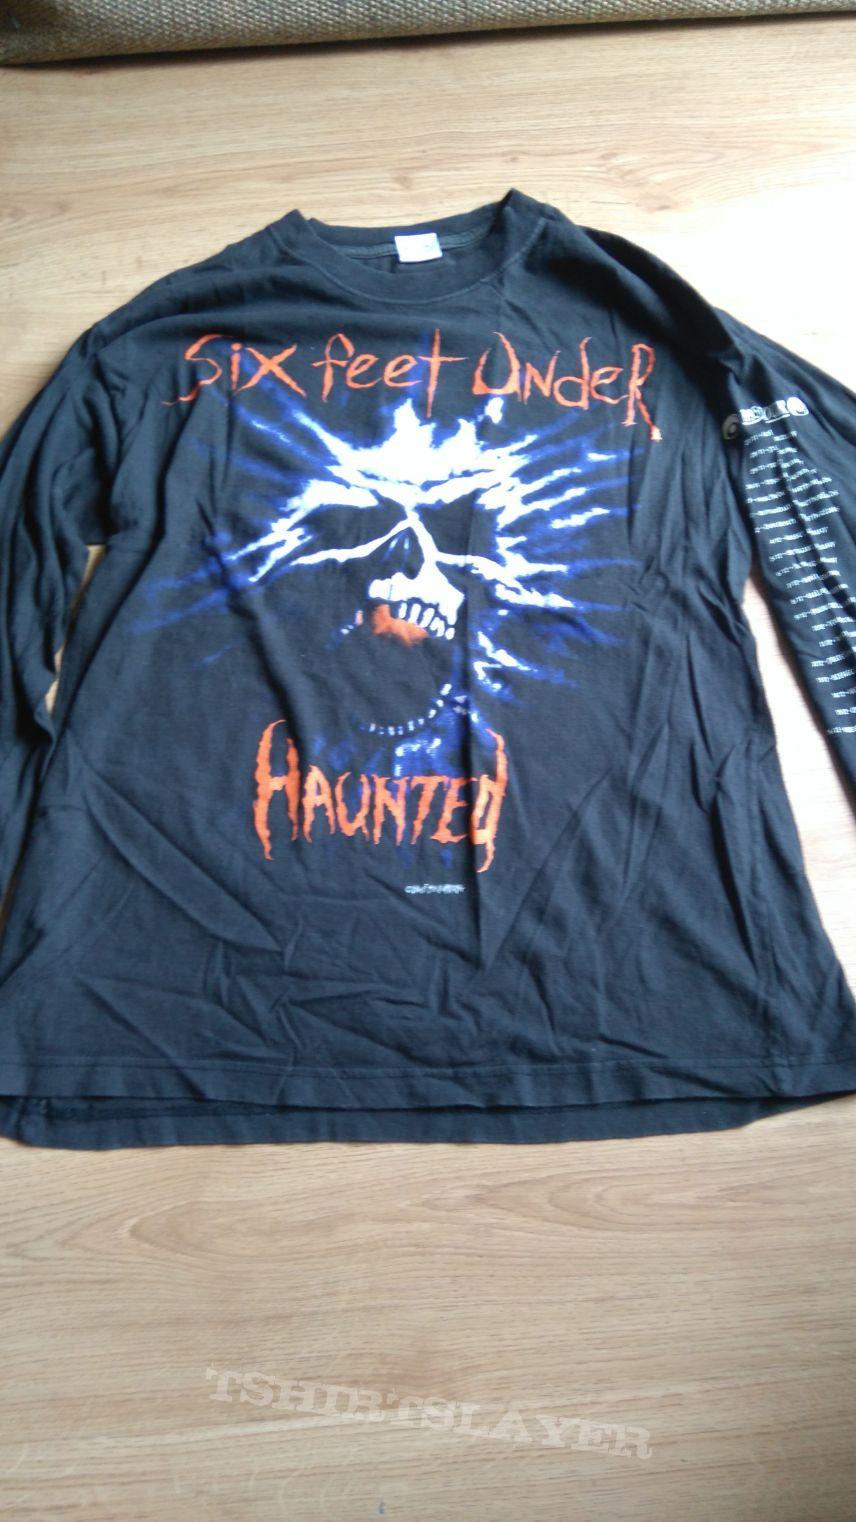 Six Feet Under Hauted ORG LS 1995